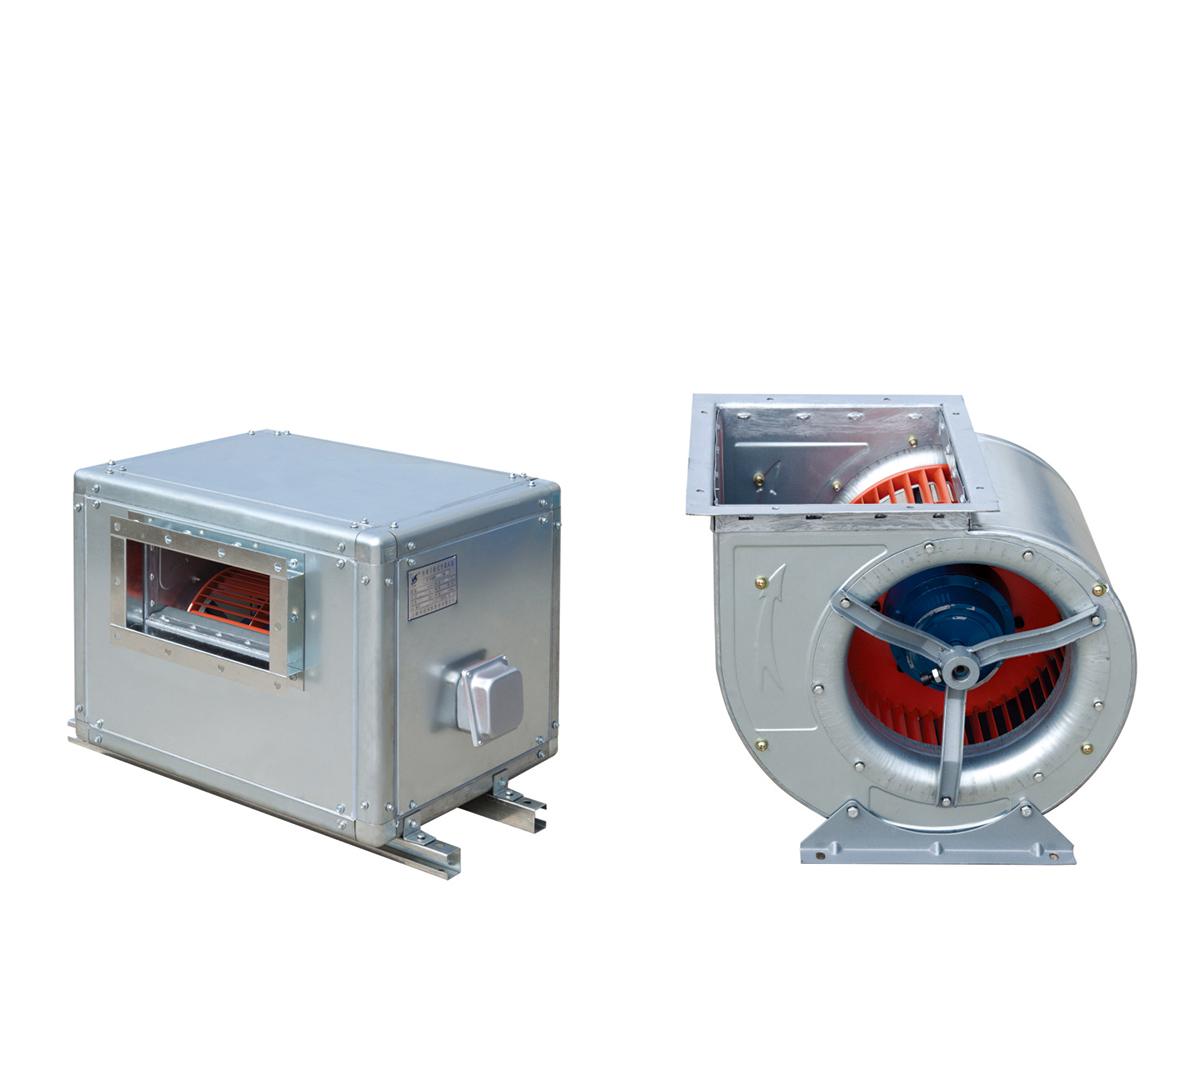 DKT外转子双进风空调风机、SDKT柜式空调风机